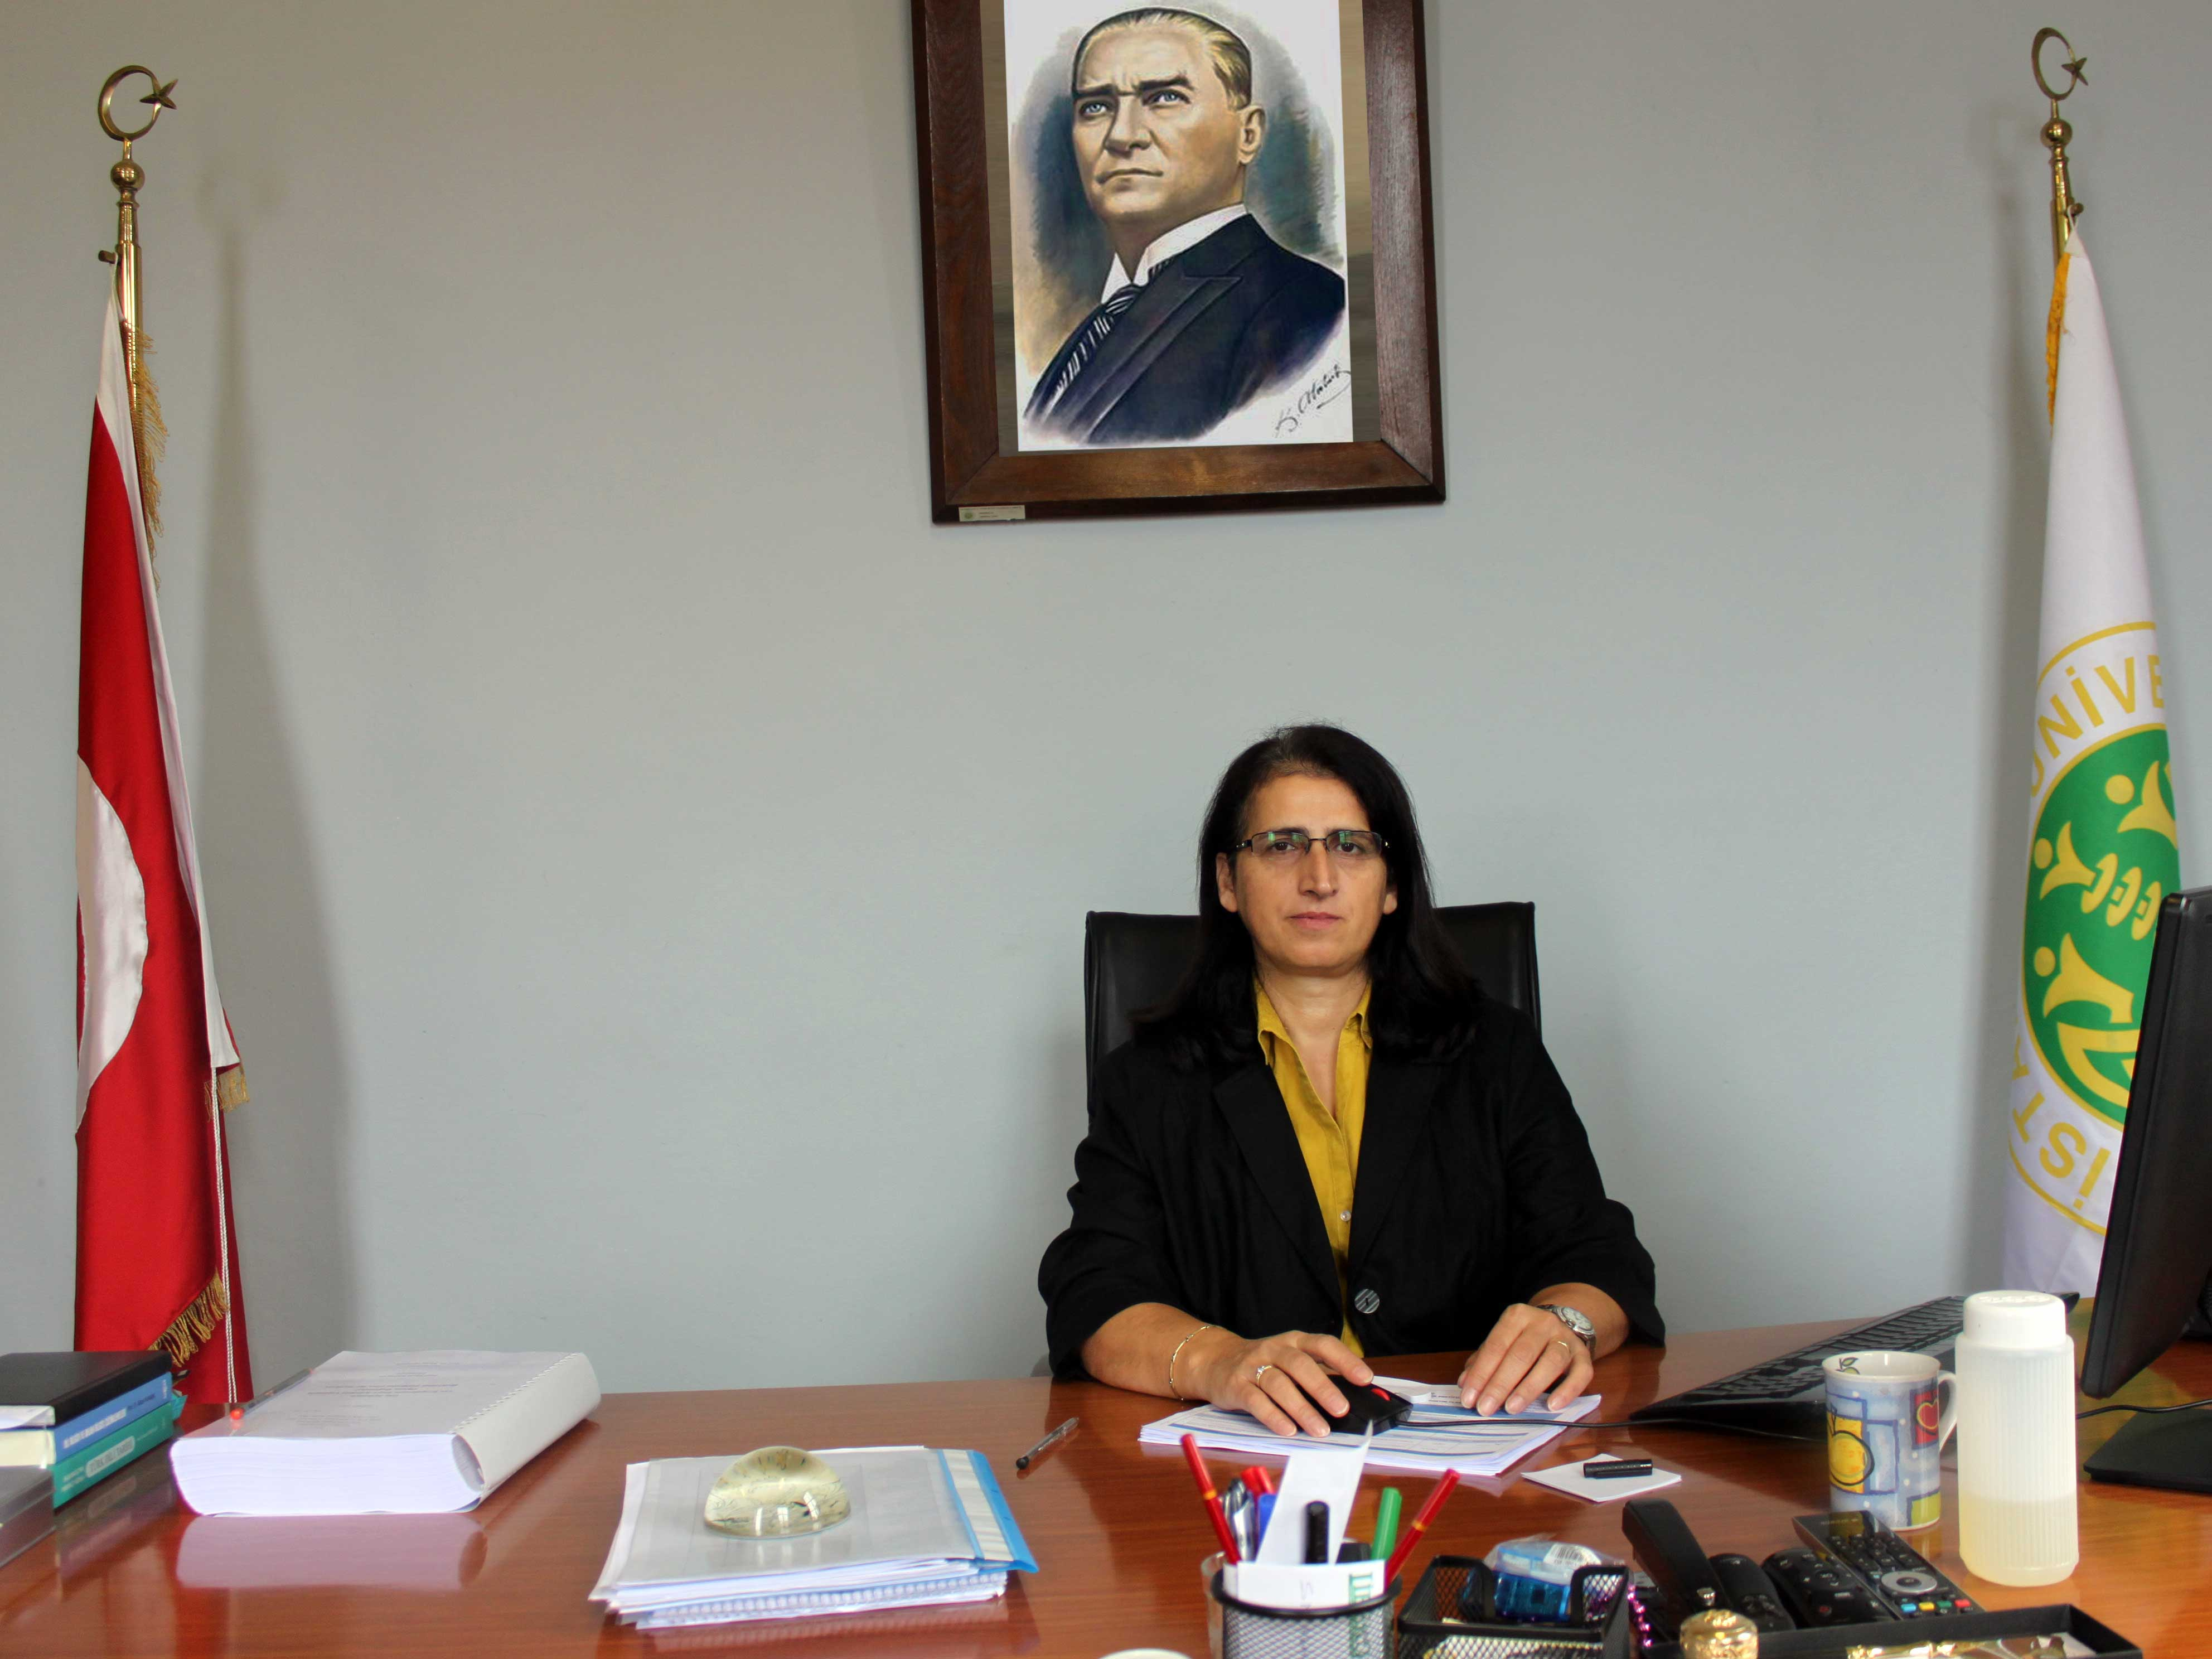 Prof. Dr. Hatice TÖREN